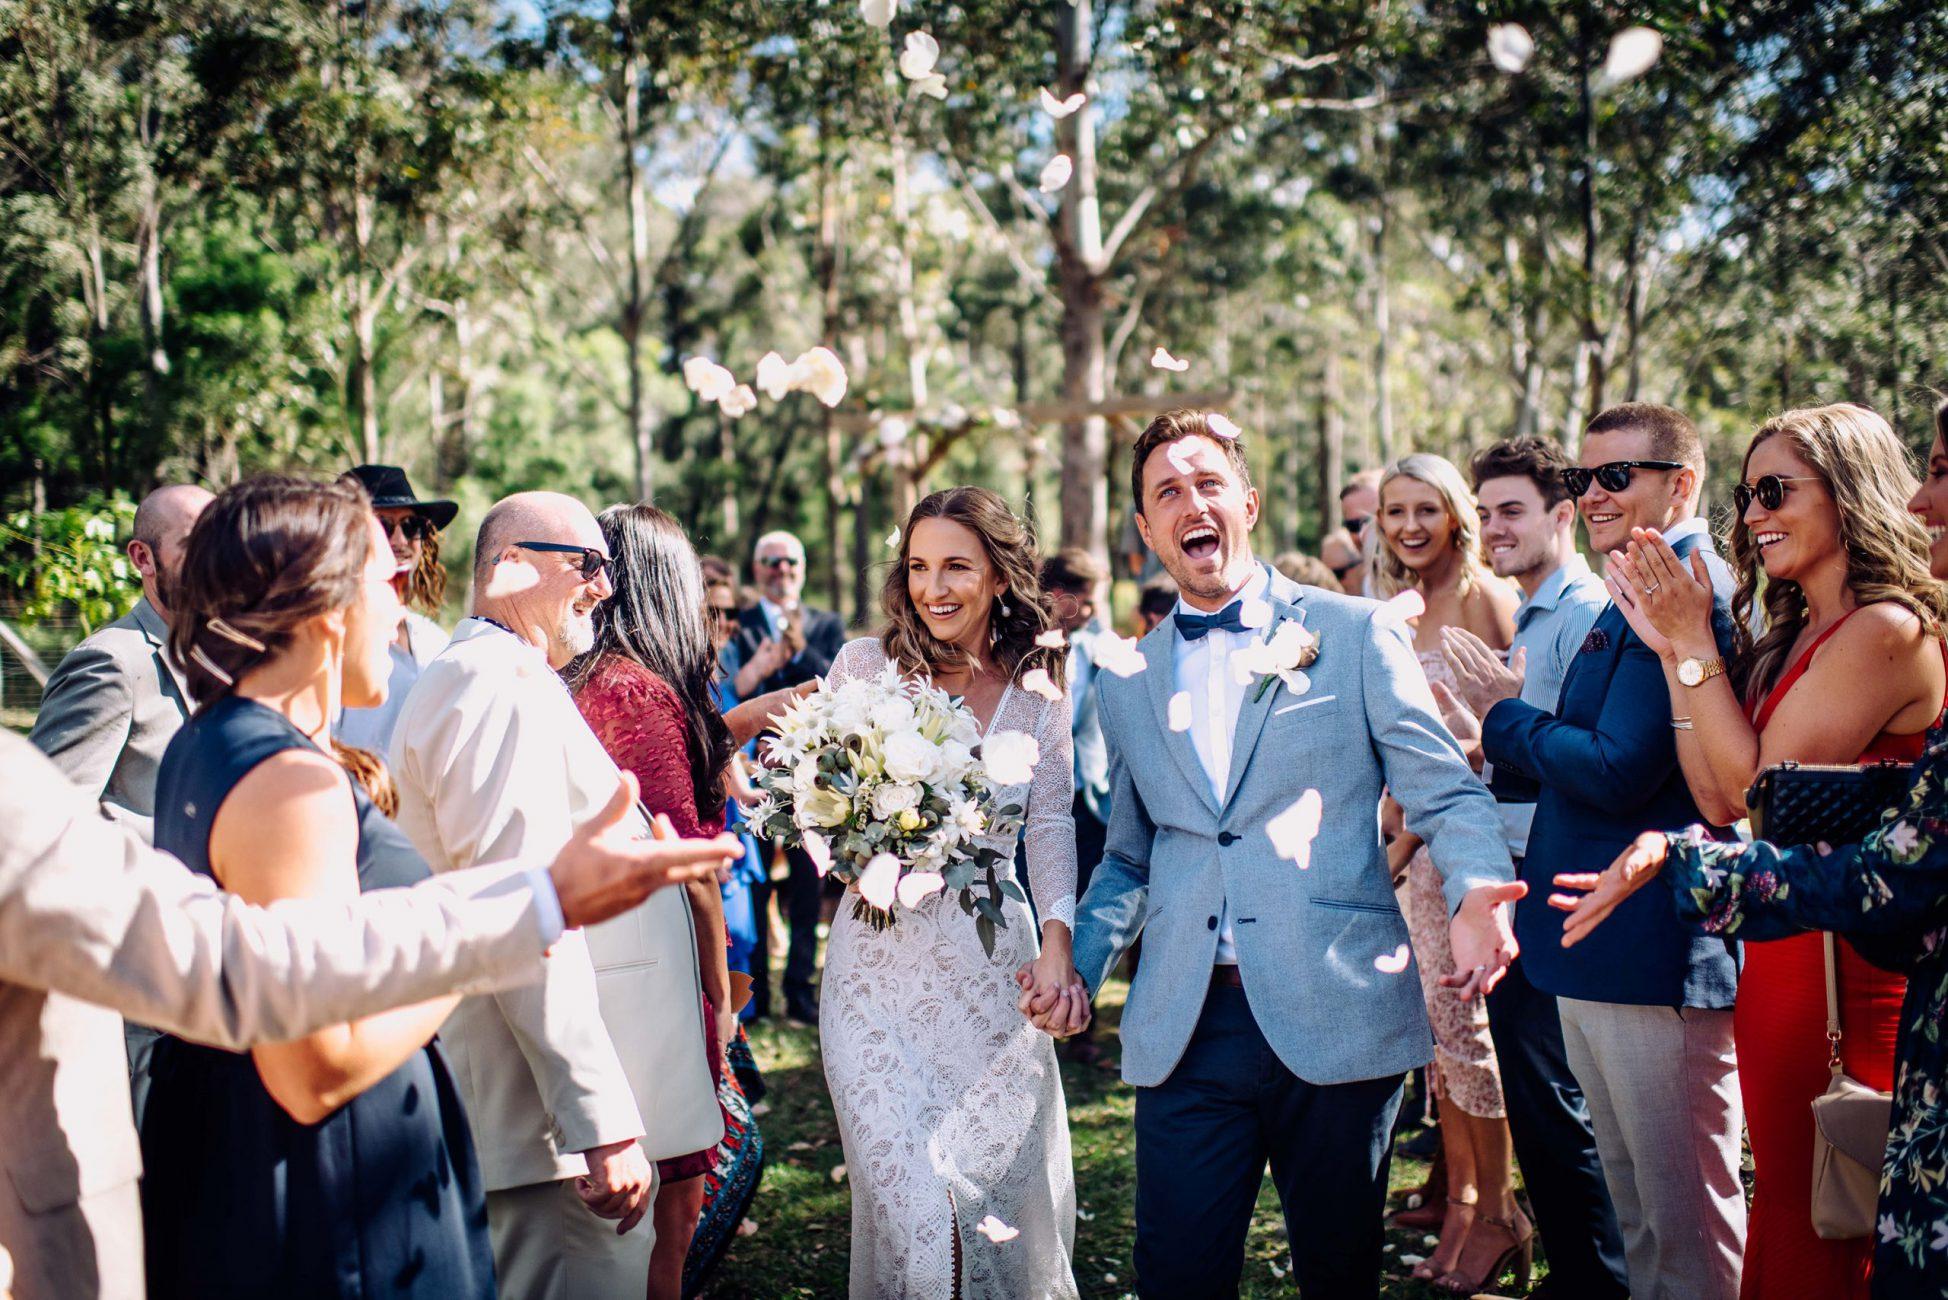 Outdoor Wedding Ceremony with bush backdrop